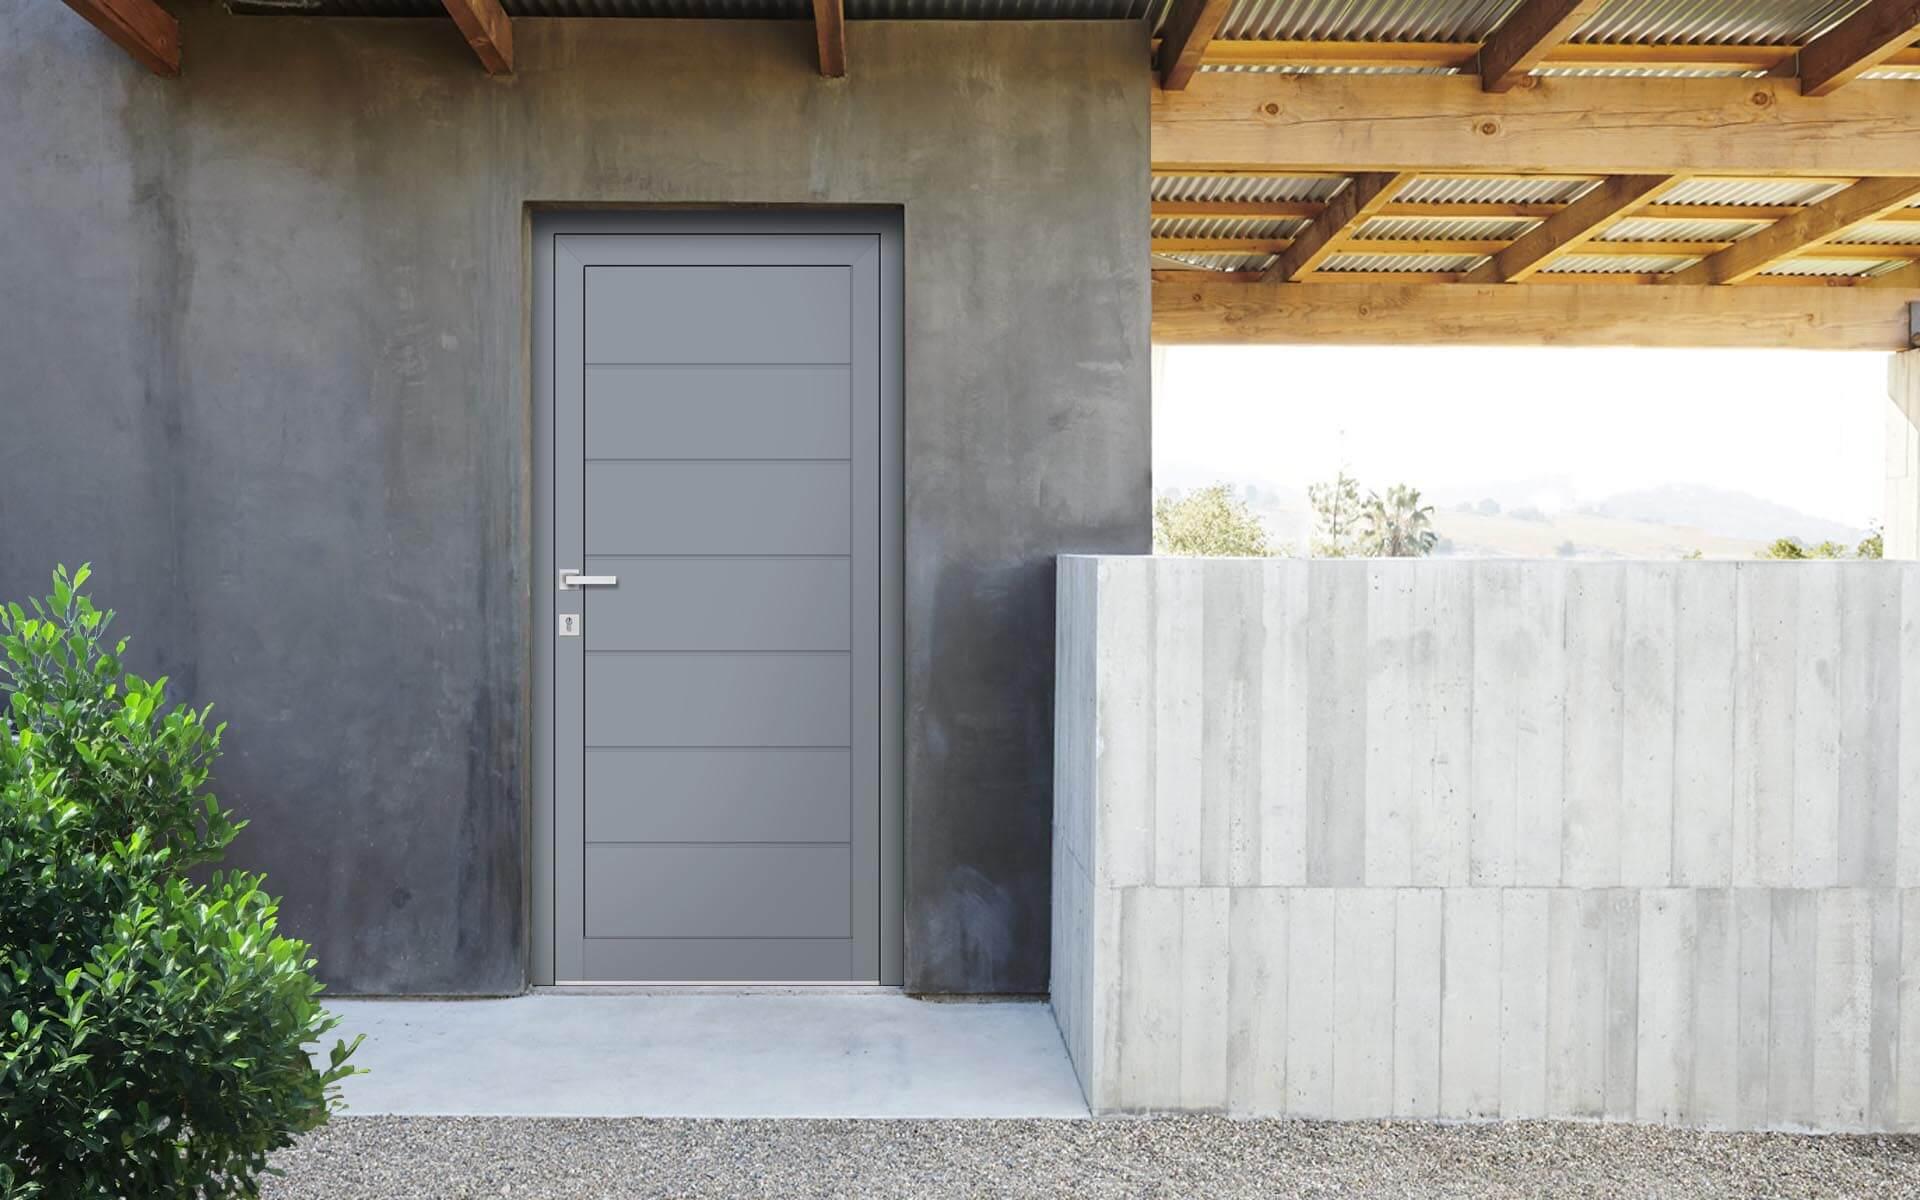 Vedľajšie vchodové dvere do domu vo farbe sivá 7040